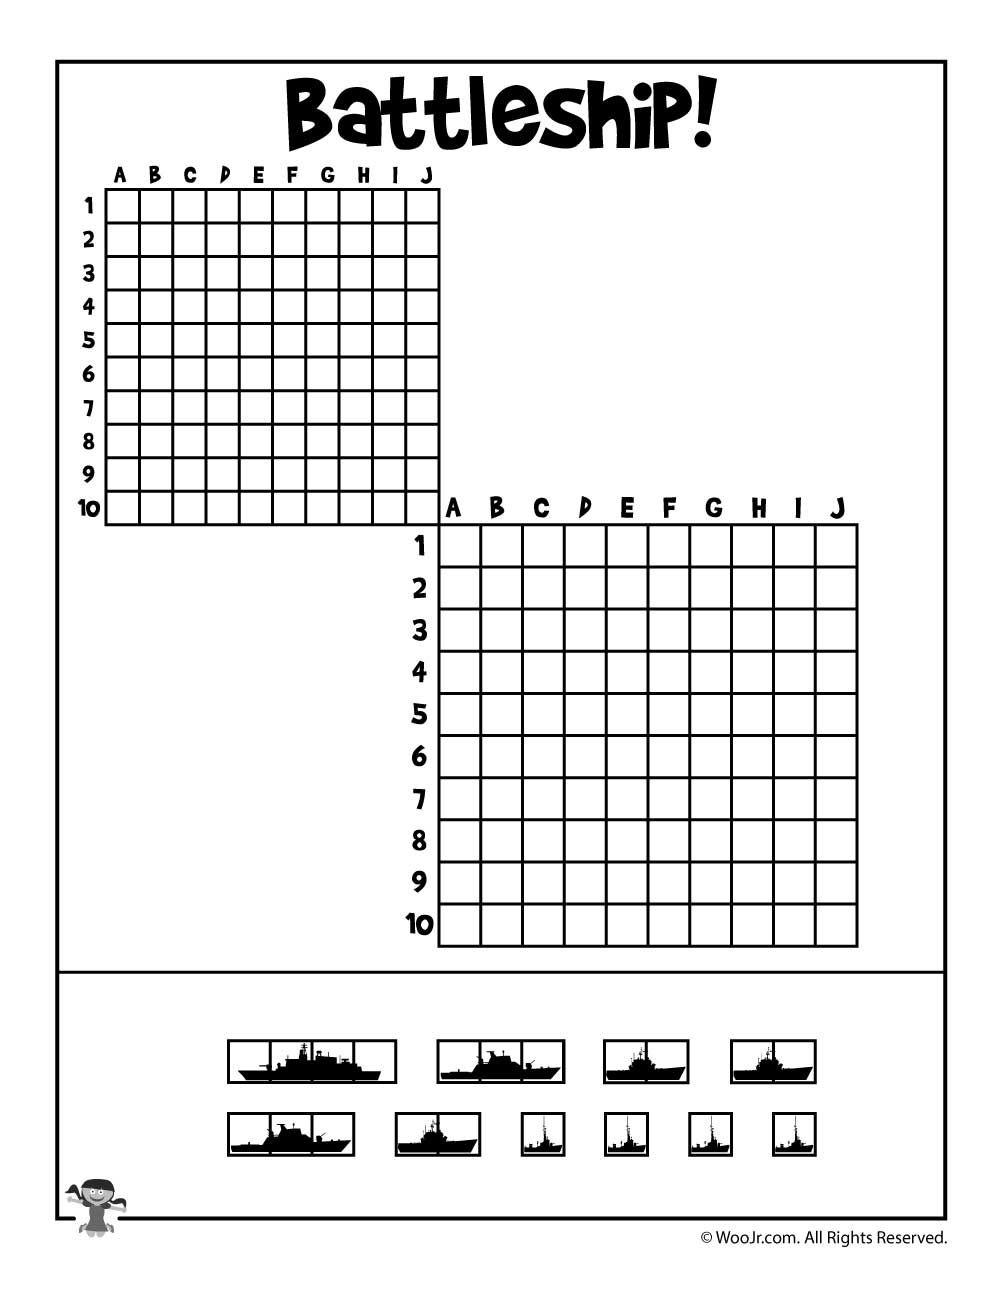 Printable Battleship Game | Speech - Fine Motor Skills | Battleship - Free Printable Battleship Game